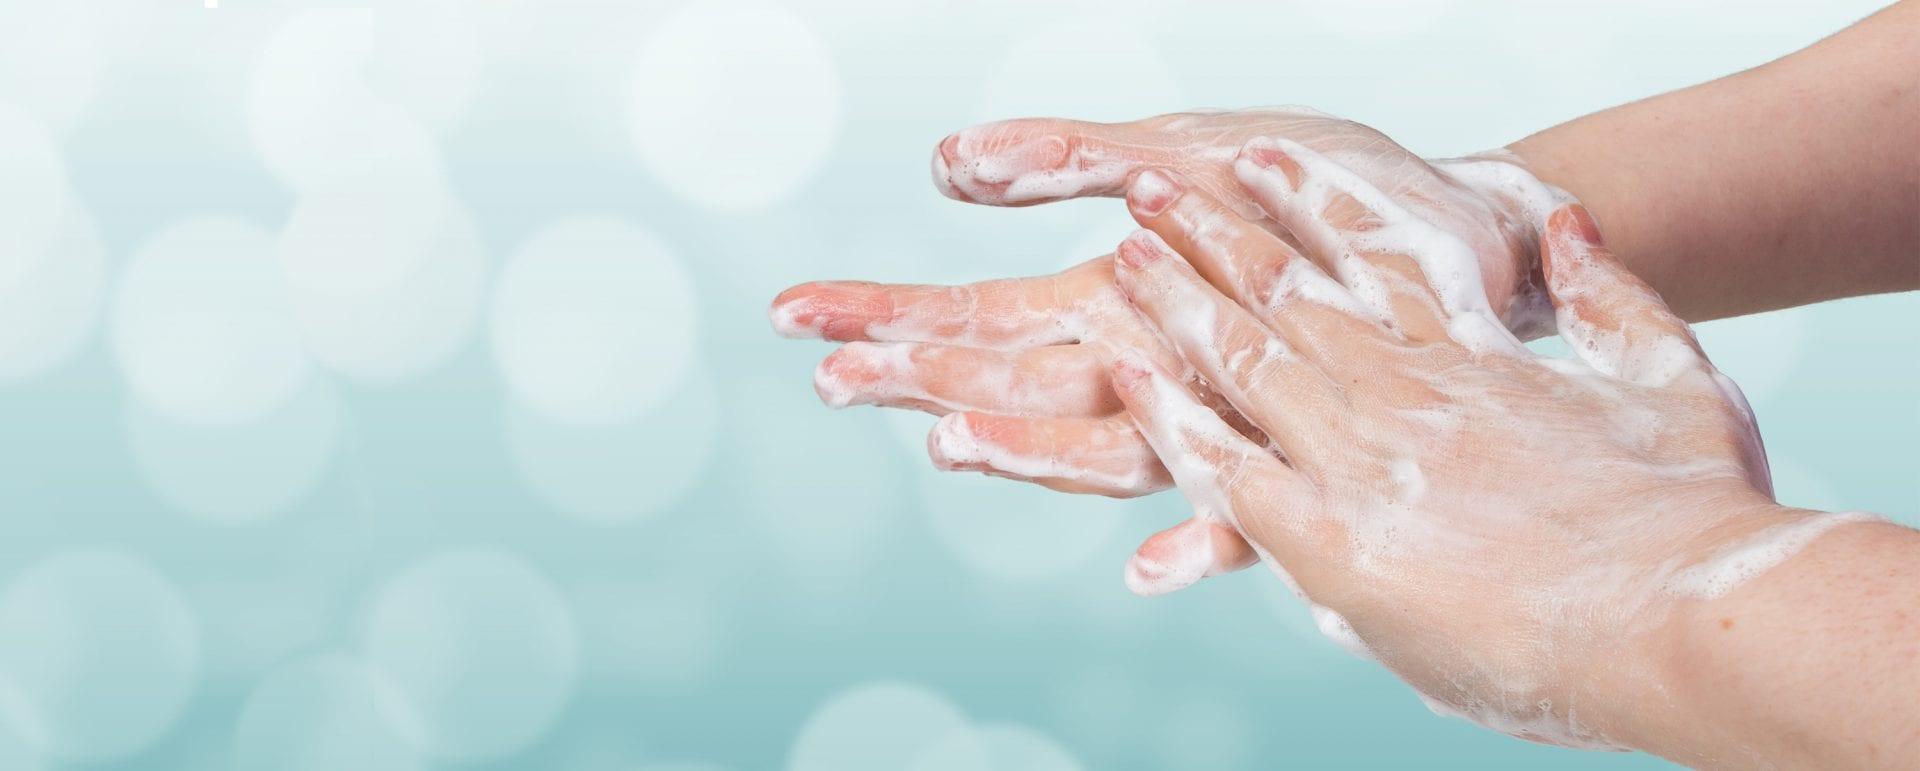 Como lavar as mãos - passo a passo para ter uma boa higienização